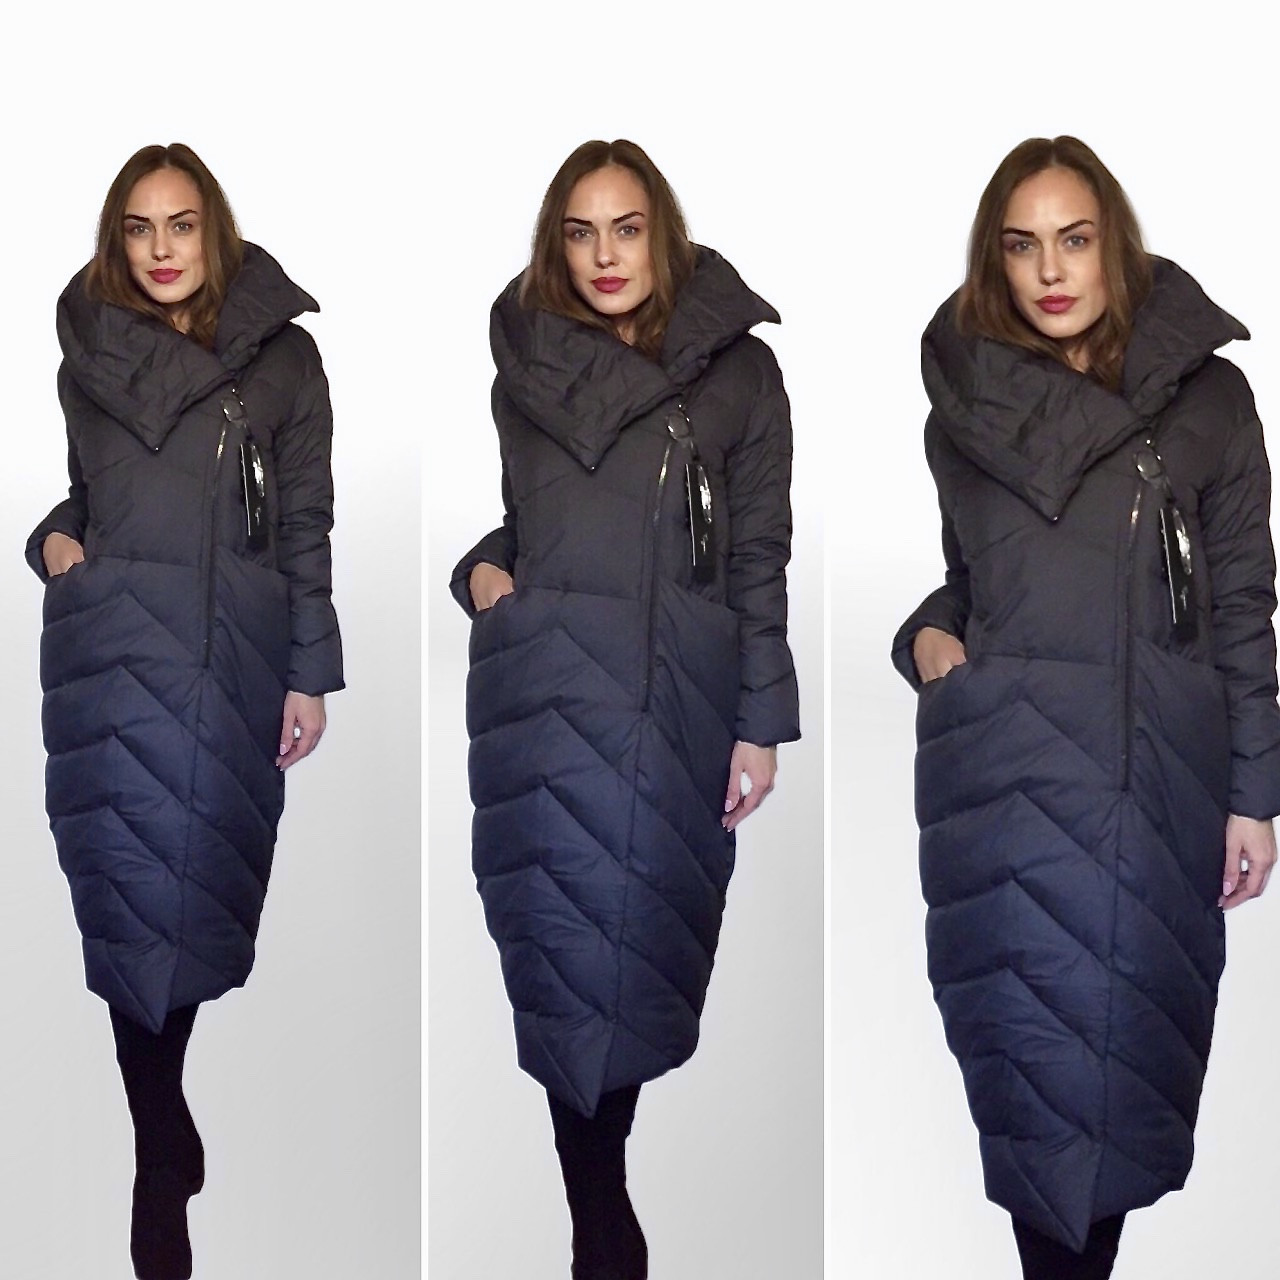 Дизайнерские Пуховики Пальто OVERSIZE. Фабричный Китай Гарантия качества и  стиля! Цвета, размеры в 3da82c79e96